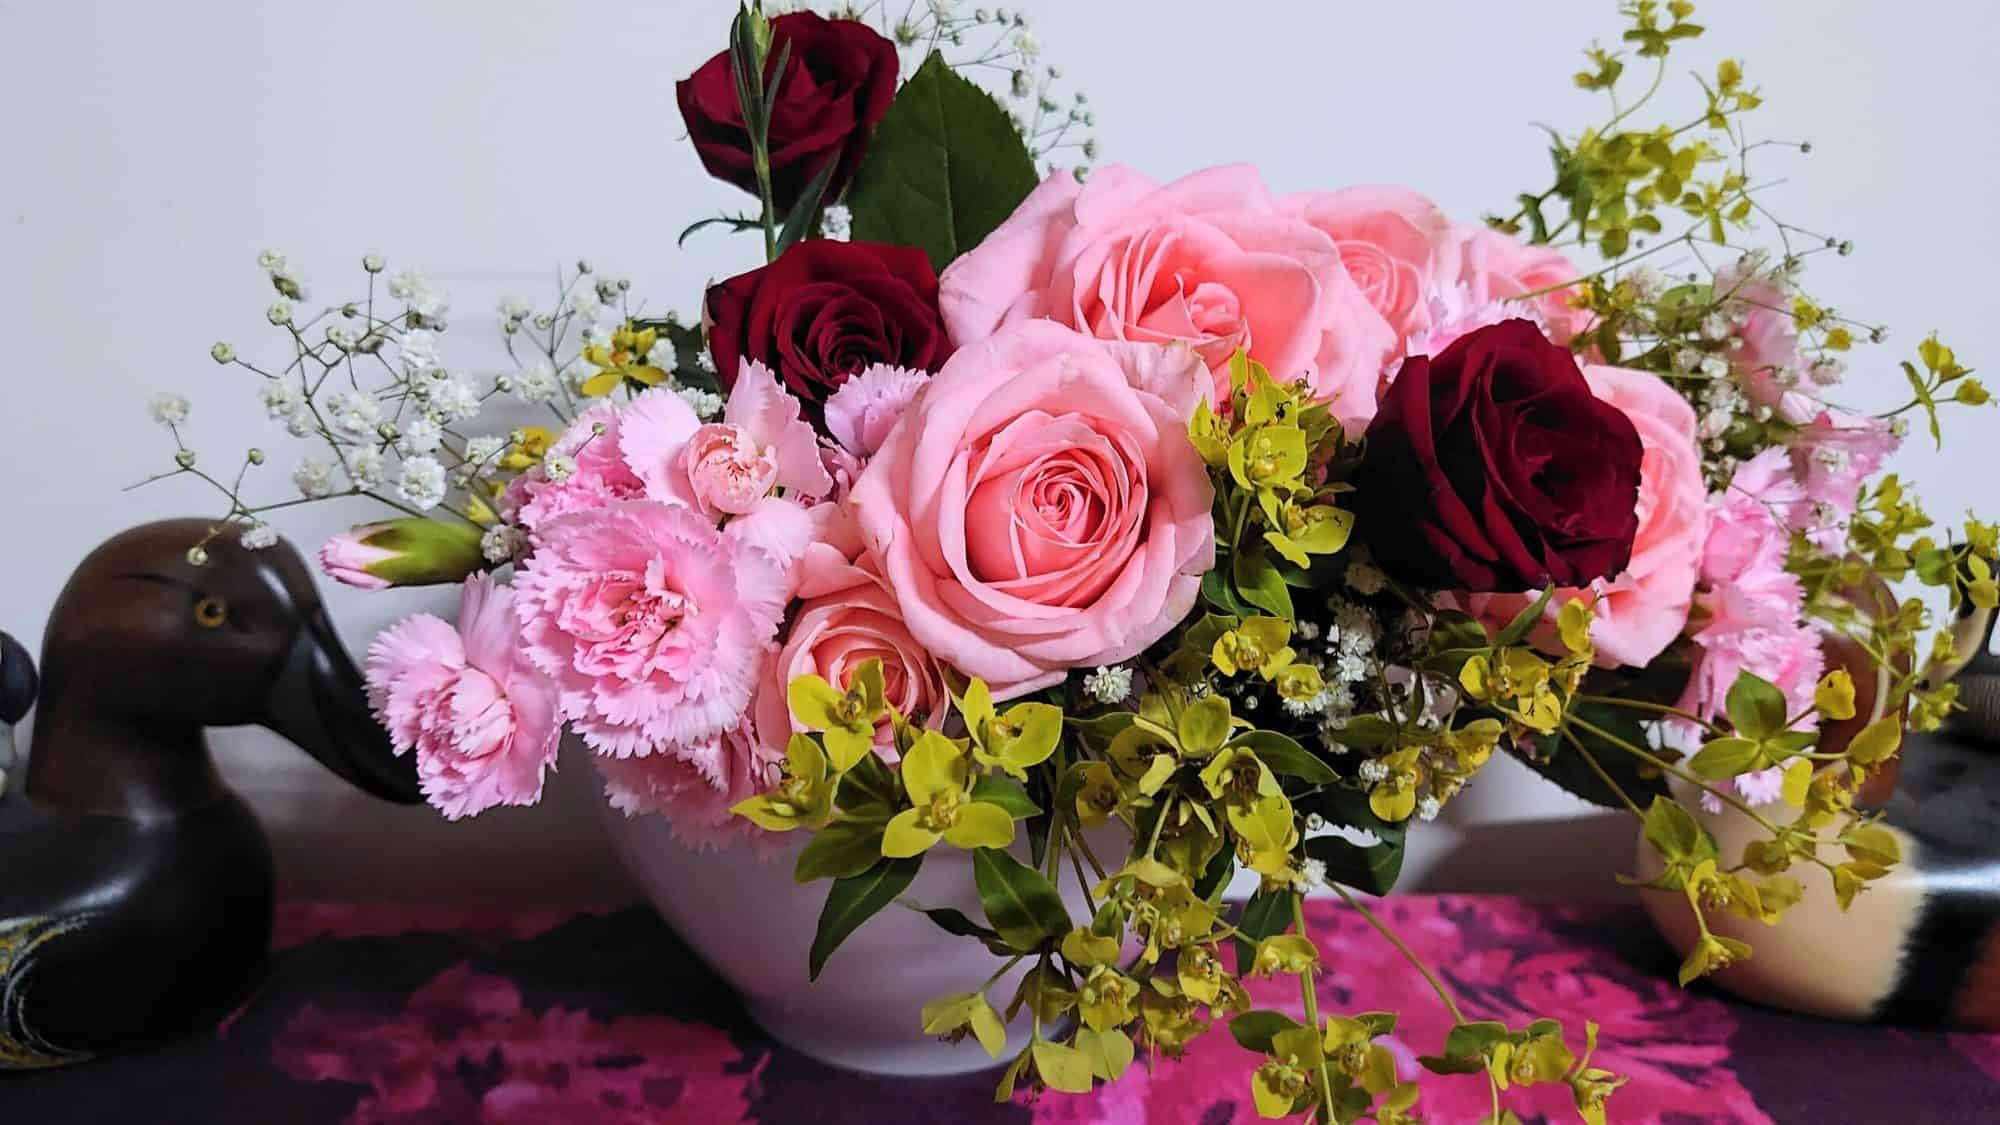 母親節花束 - 第二天(正面),如老闆娘所說,康乃馨的小花苞,兩天就會開花。